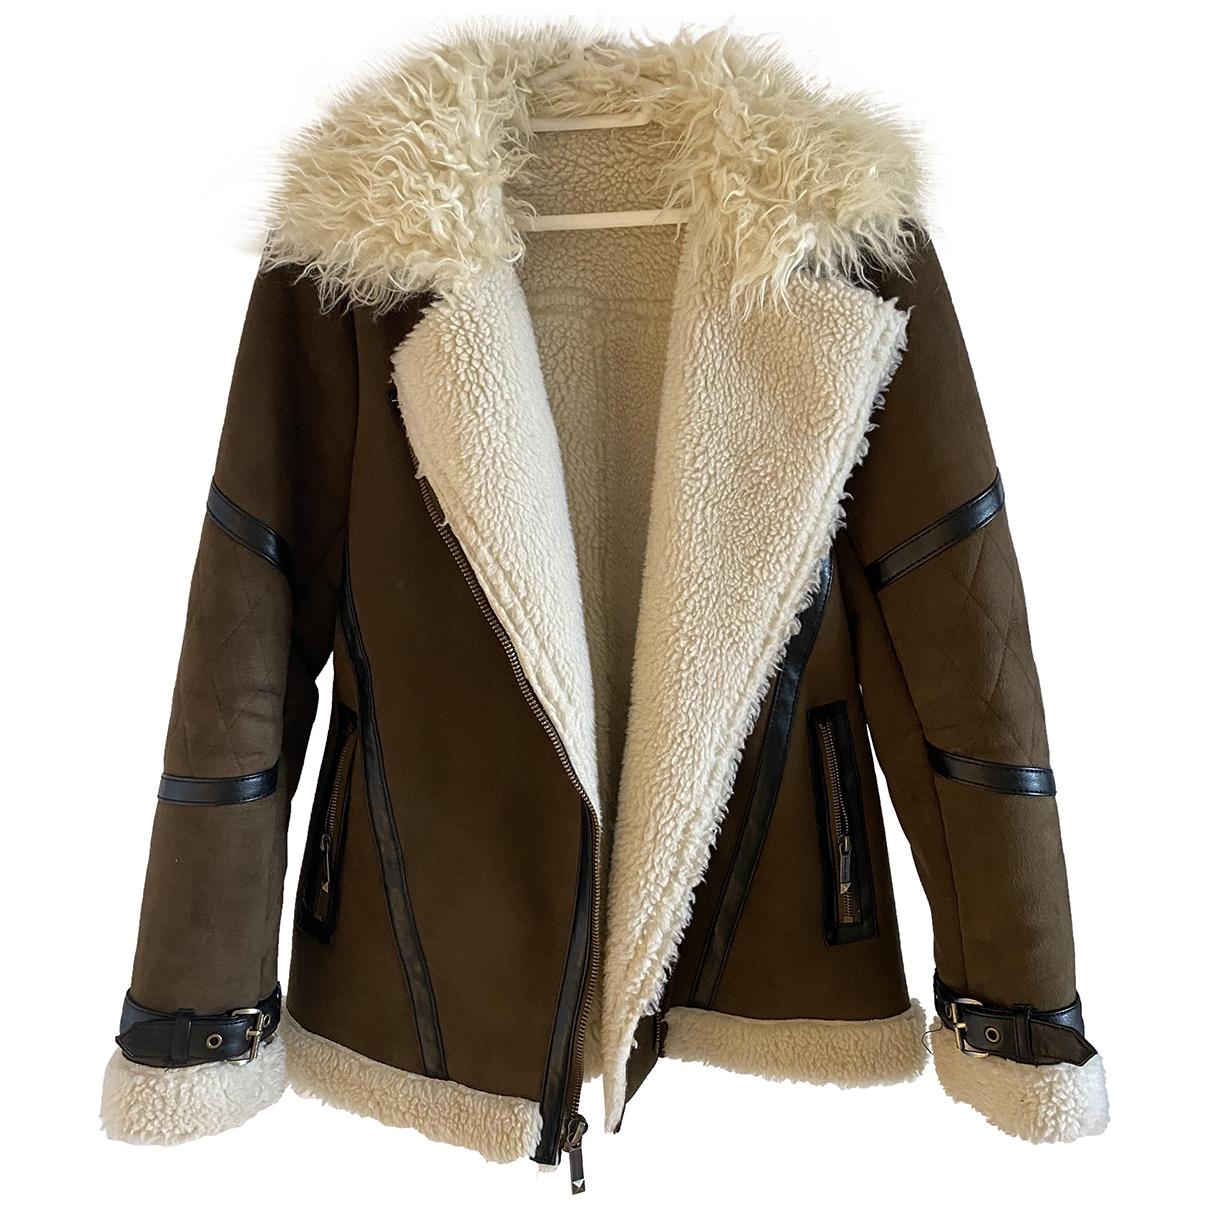 Michael Kors \N Brown Suede jacket for Women 8 UK